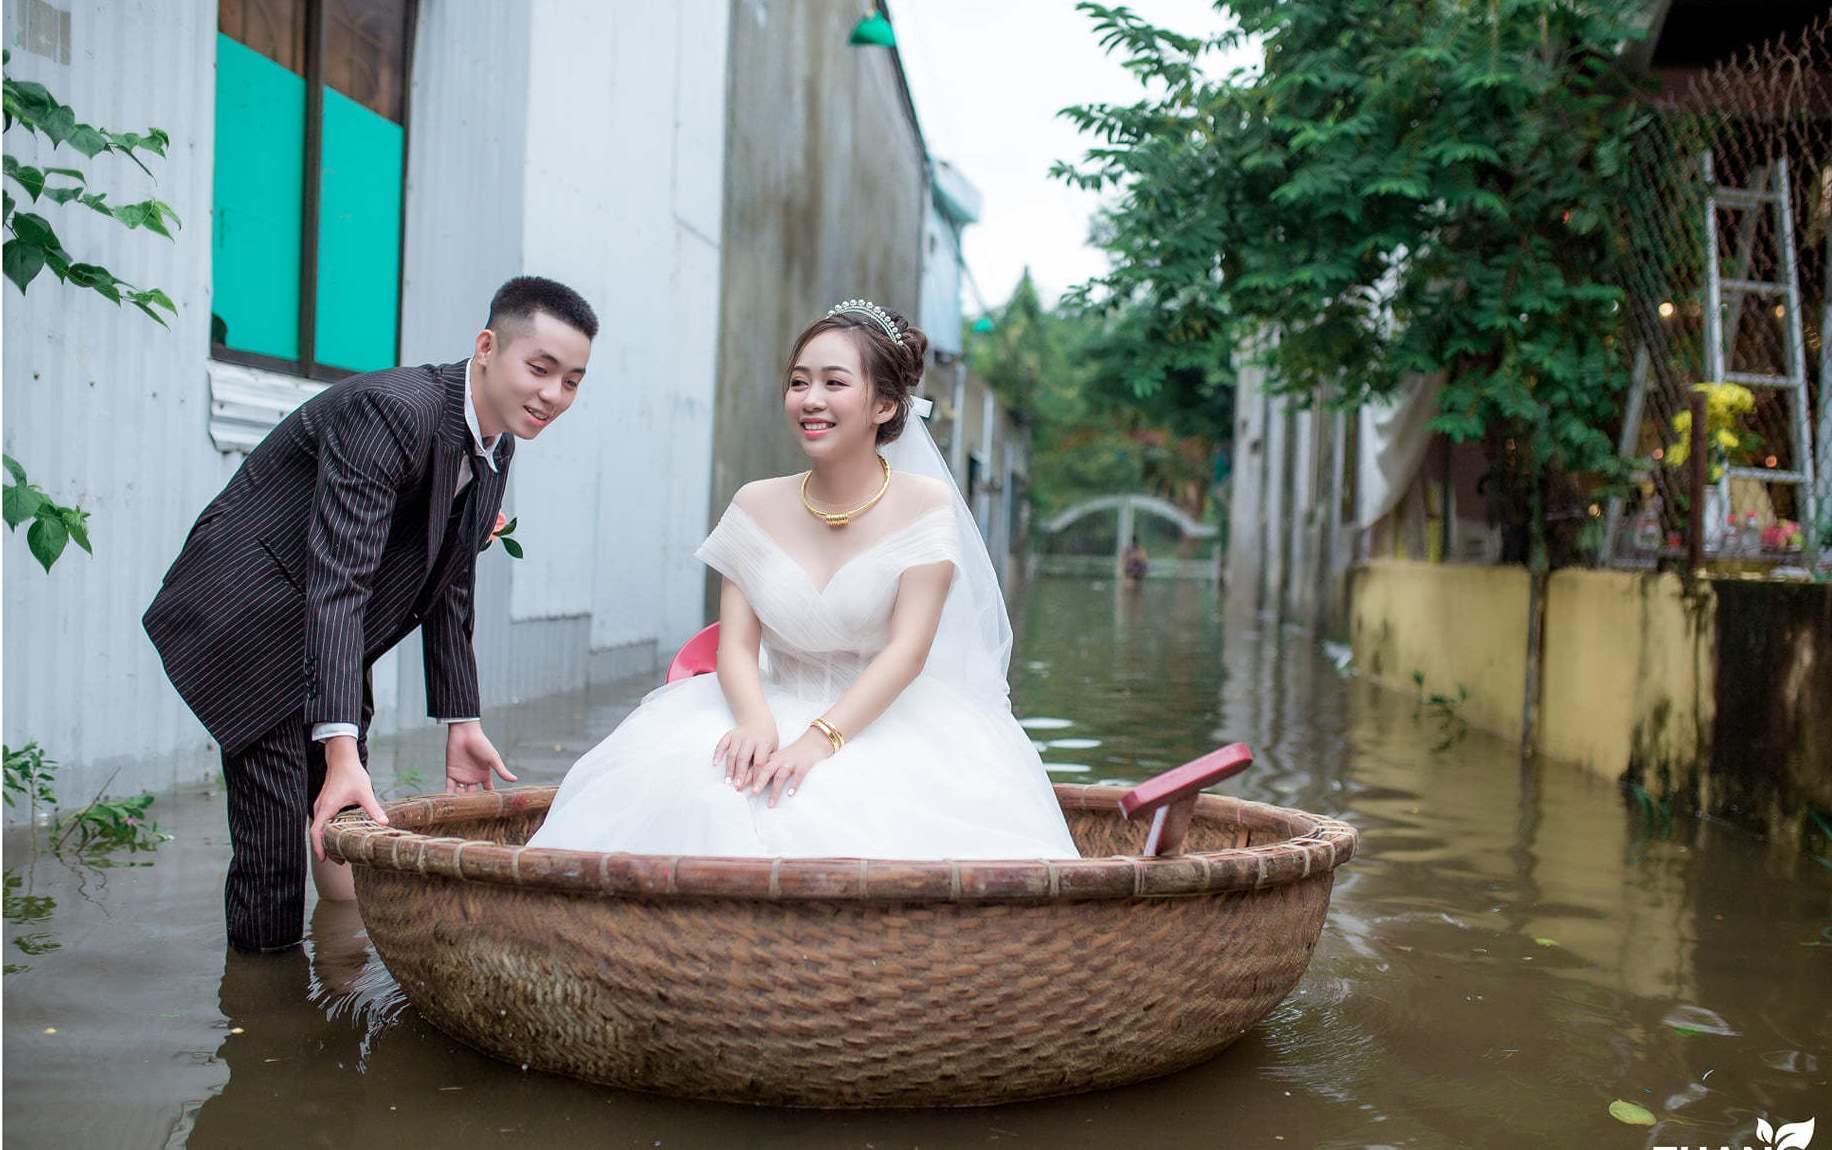 Đám cưới đặc biệt vào mùa lũ, chú rể đẩy thúng đưa cô dâu vào nhà